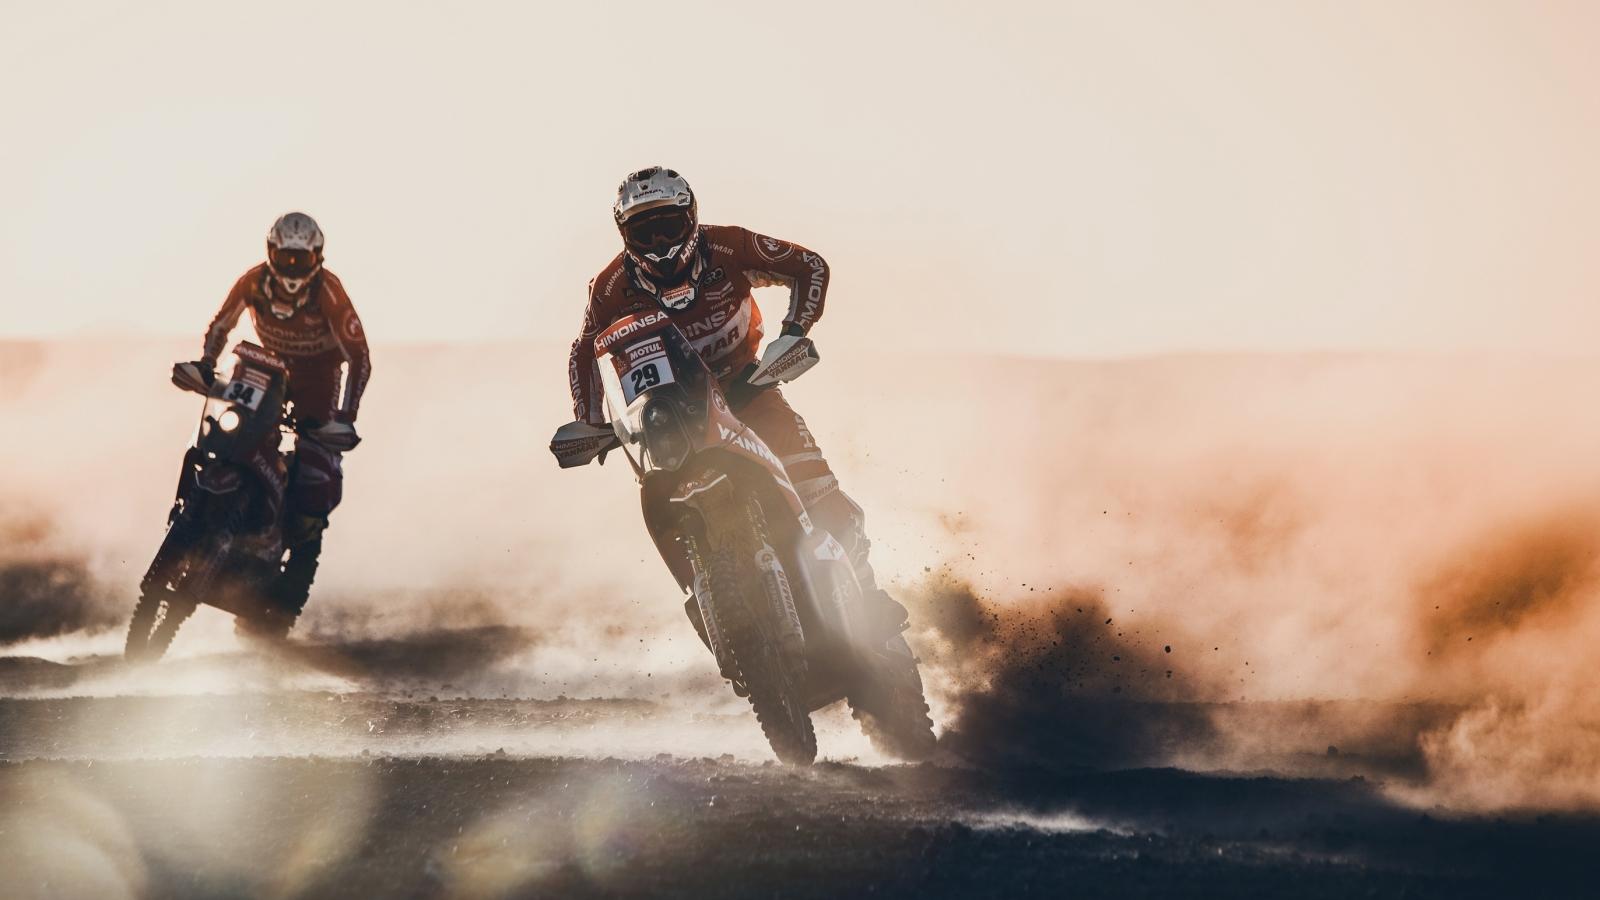 Motos en el Dakar 2018 - 1600x900